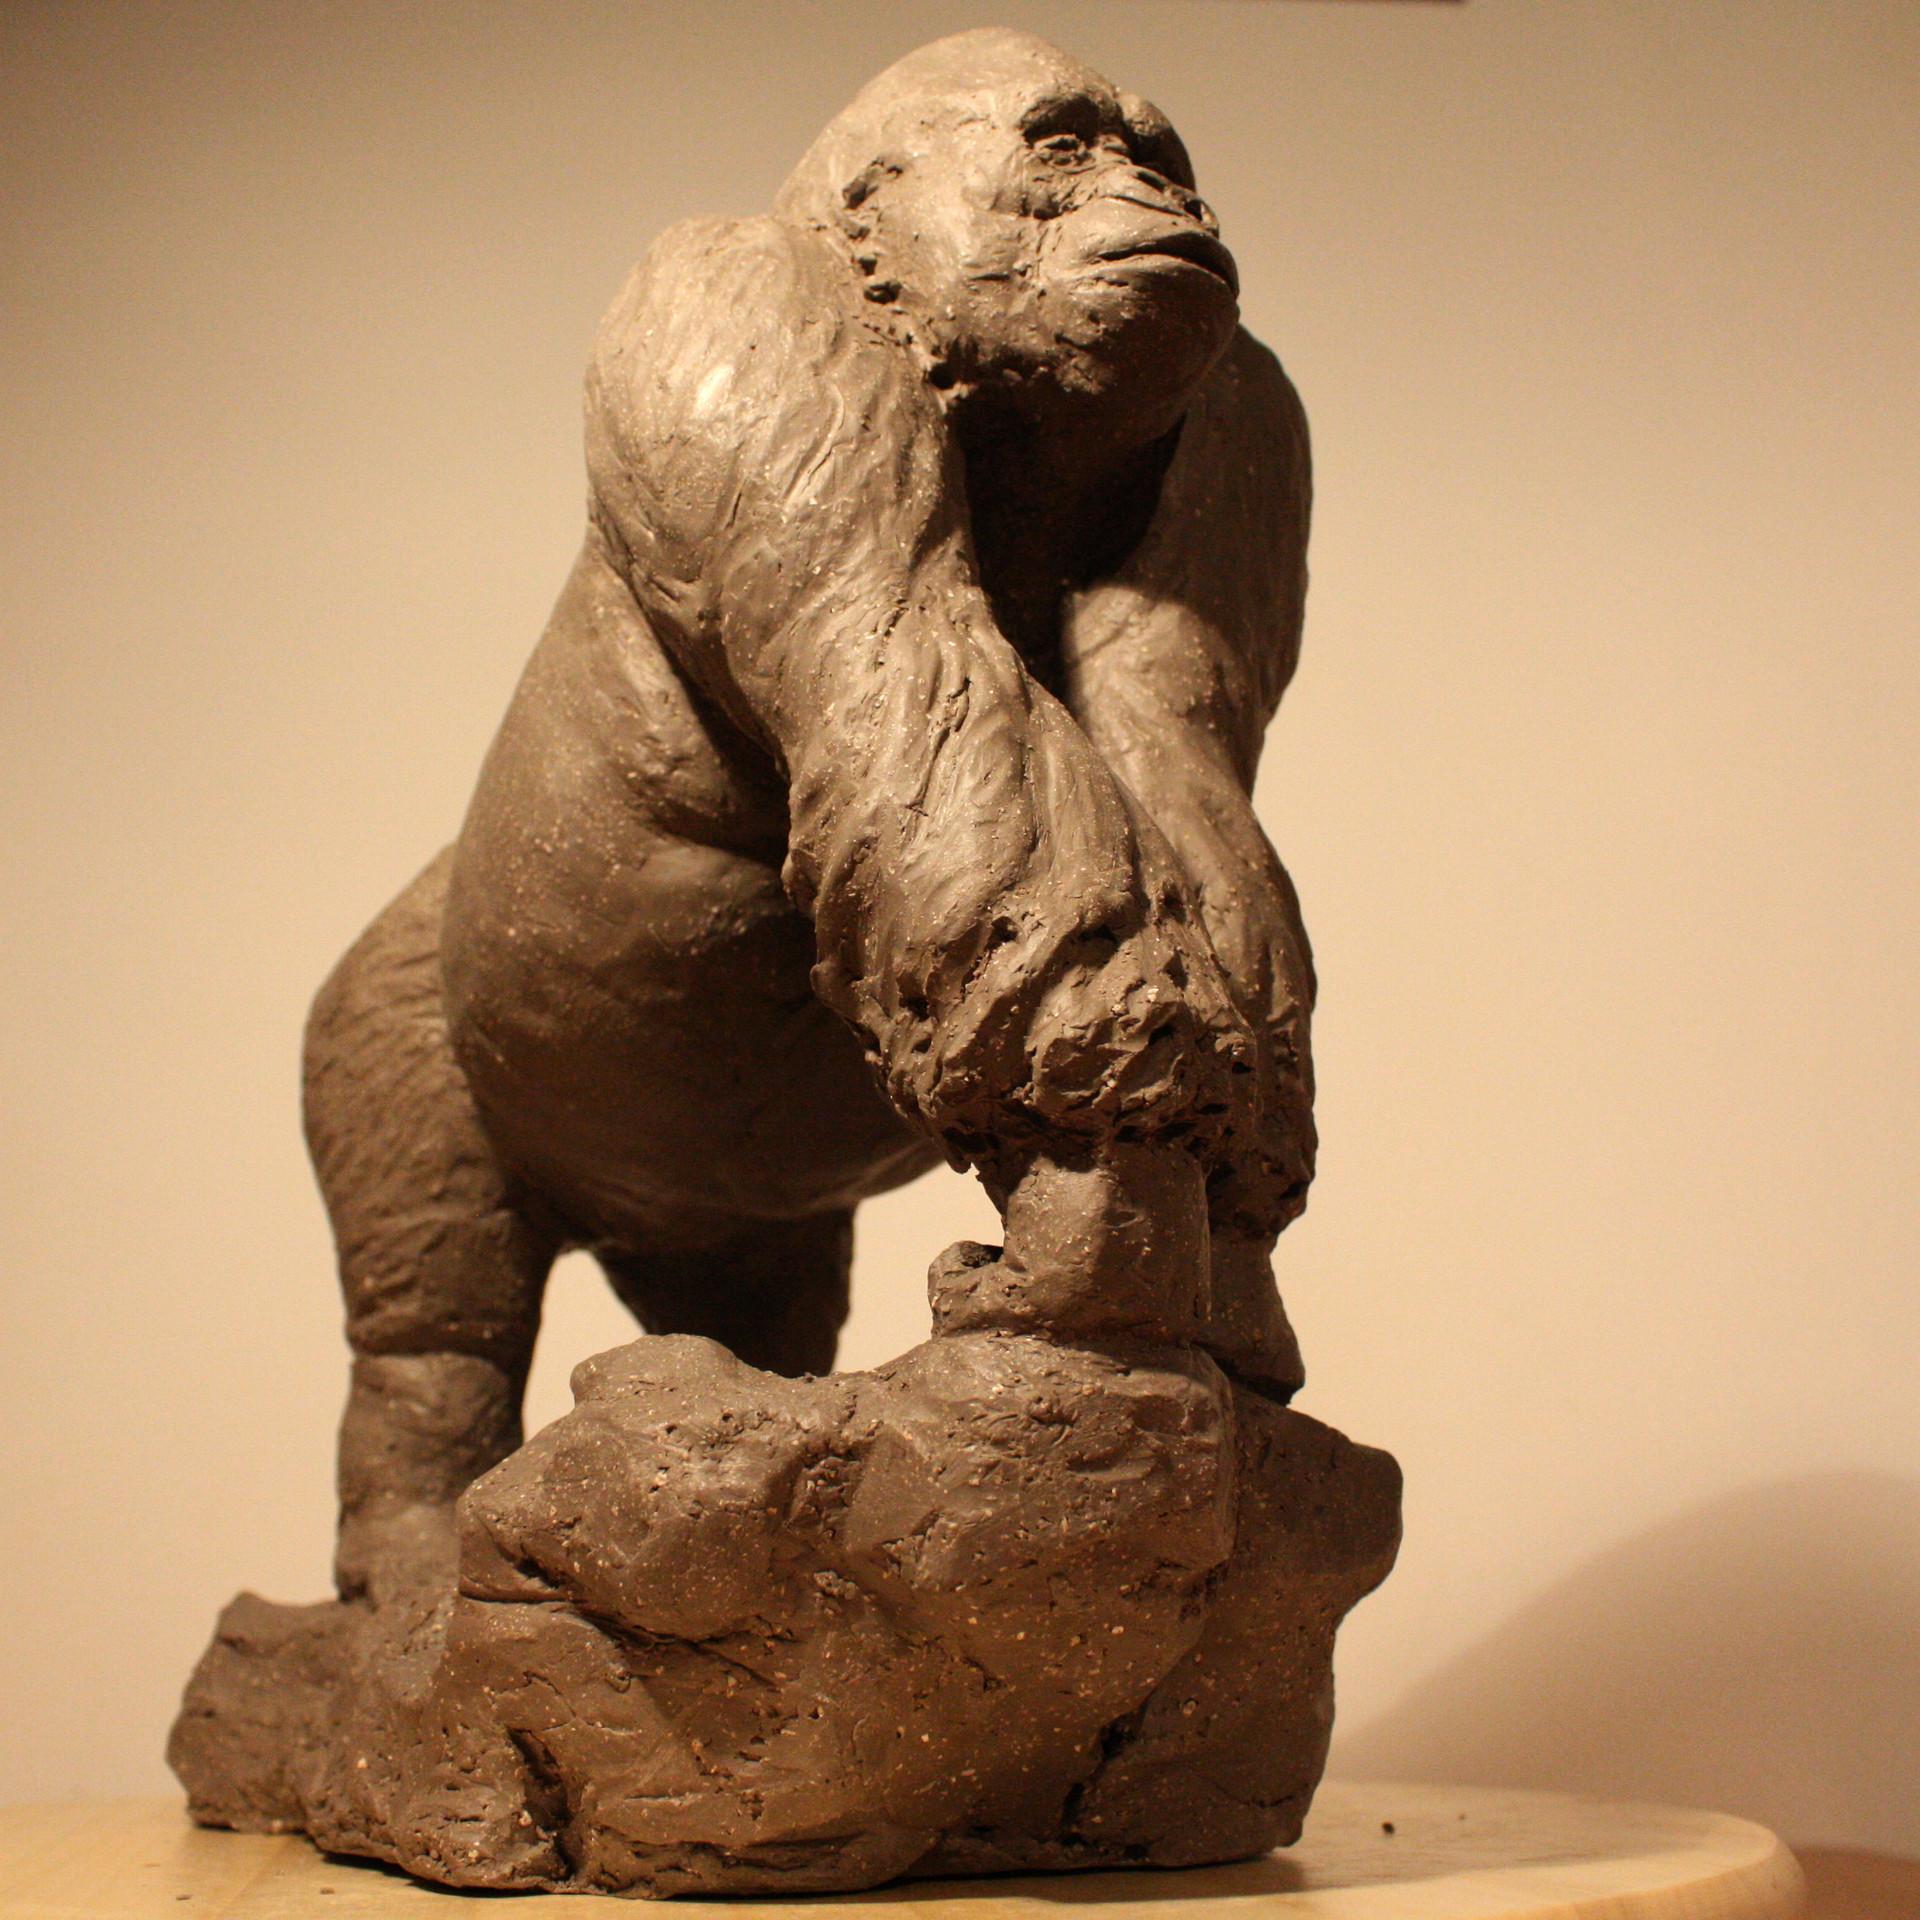 Clement bassery gorilla1